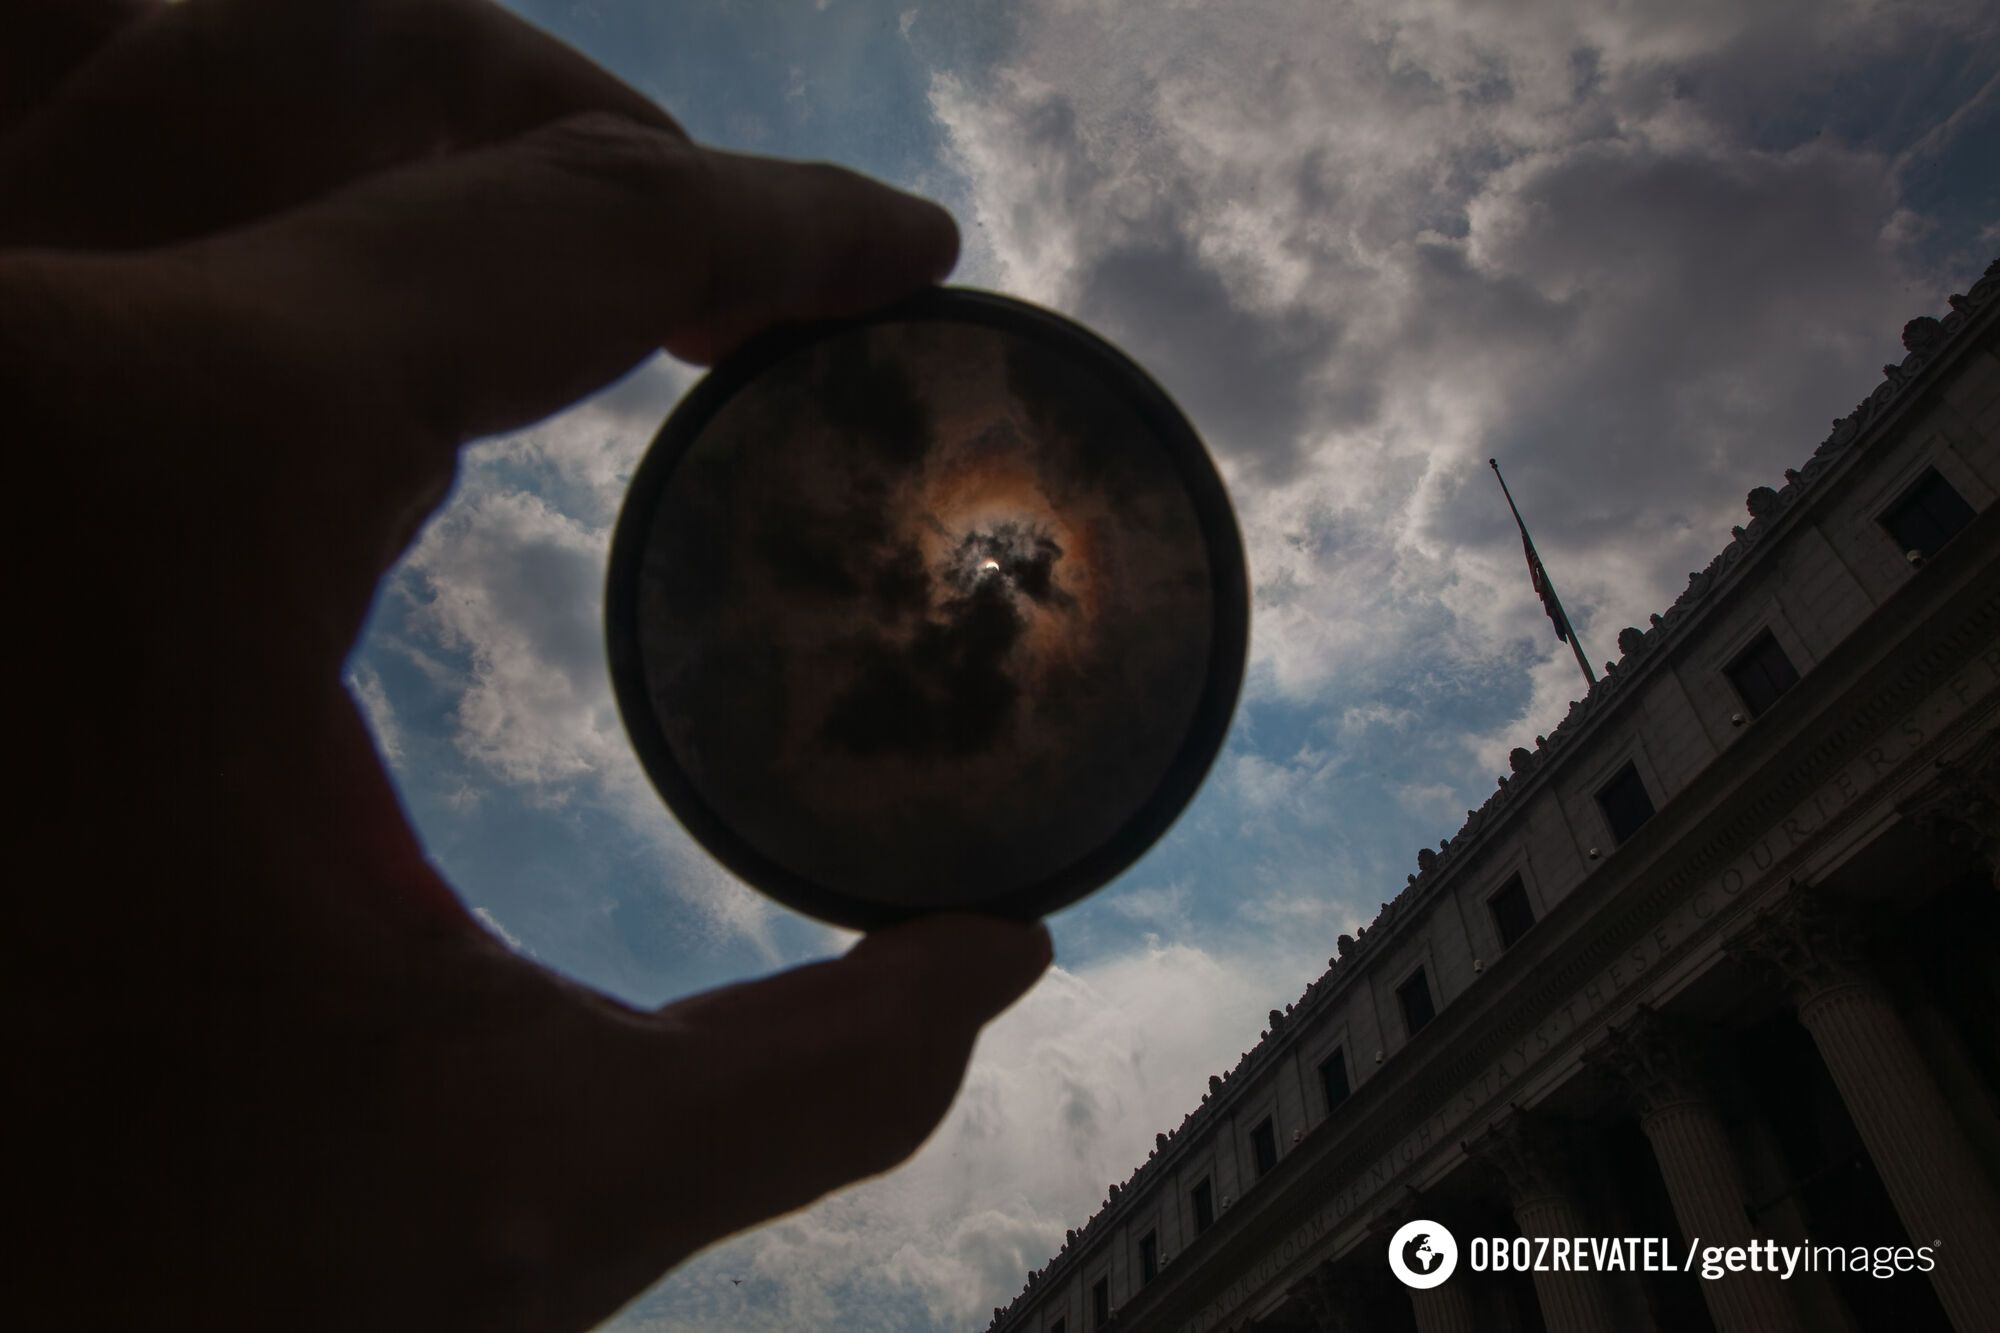 Во время затмения 10 июня Солнце над Украиной было закрыто только на 12%